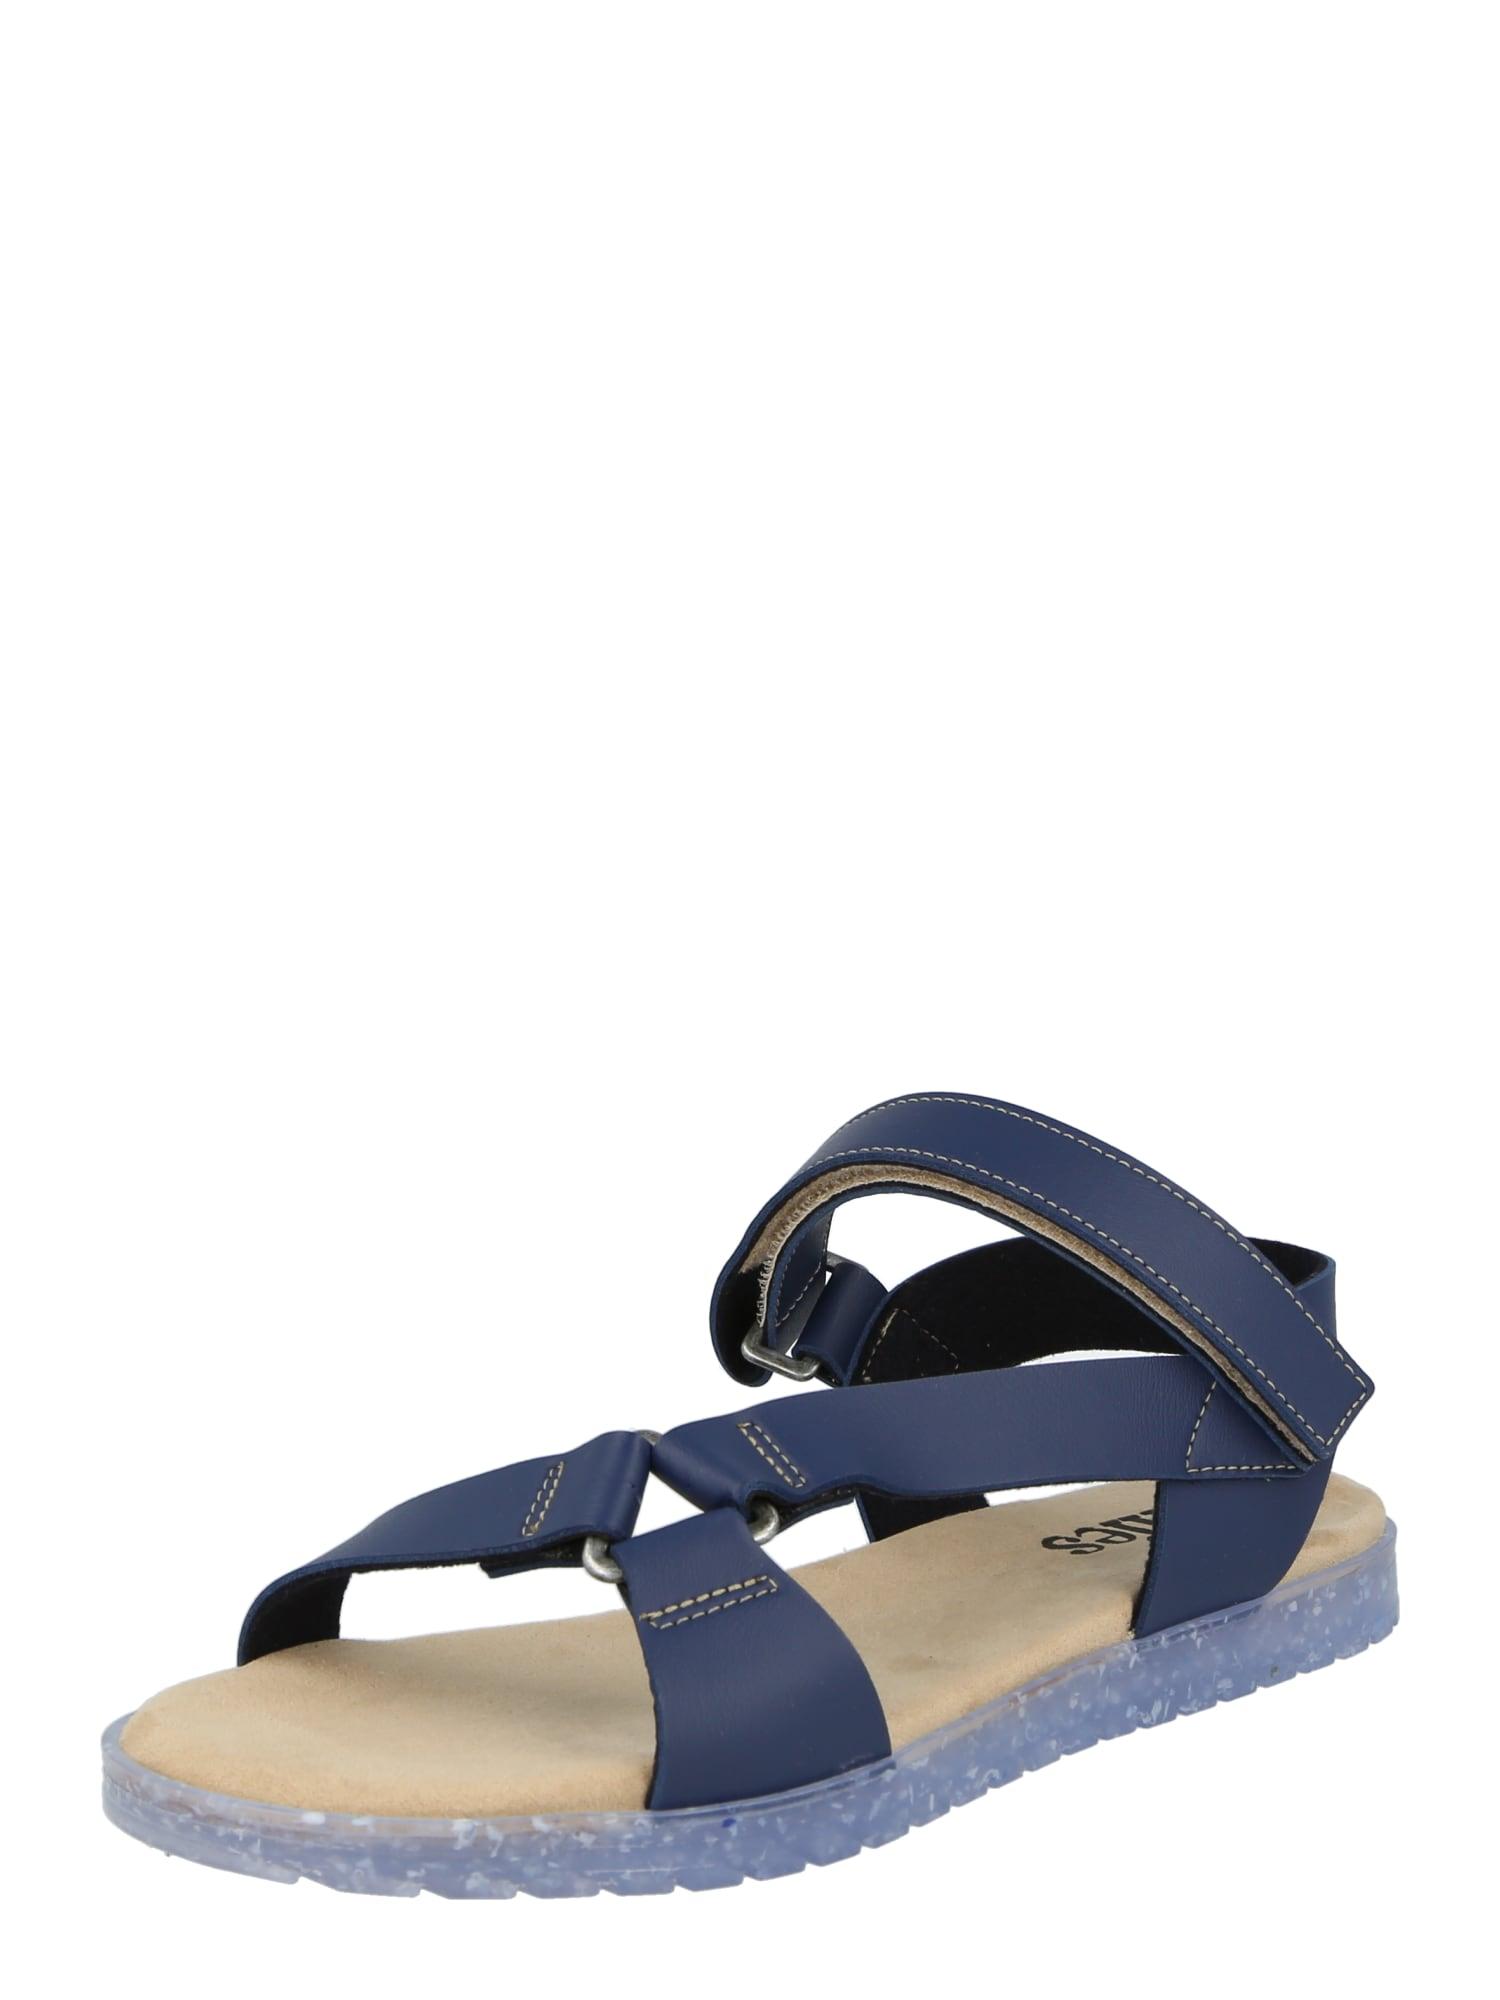 thies Sportinio tipo sandalai tamsiai mėlyna